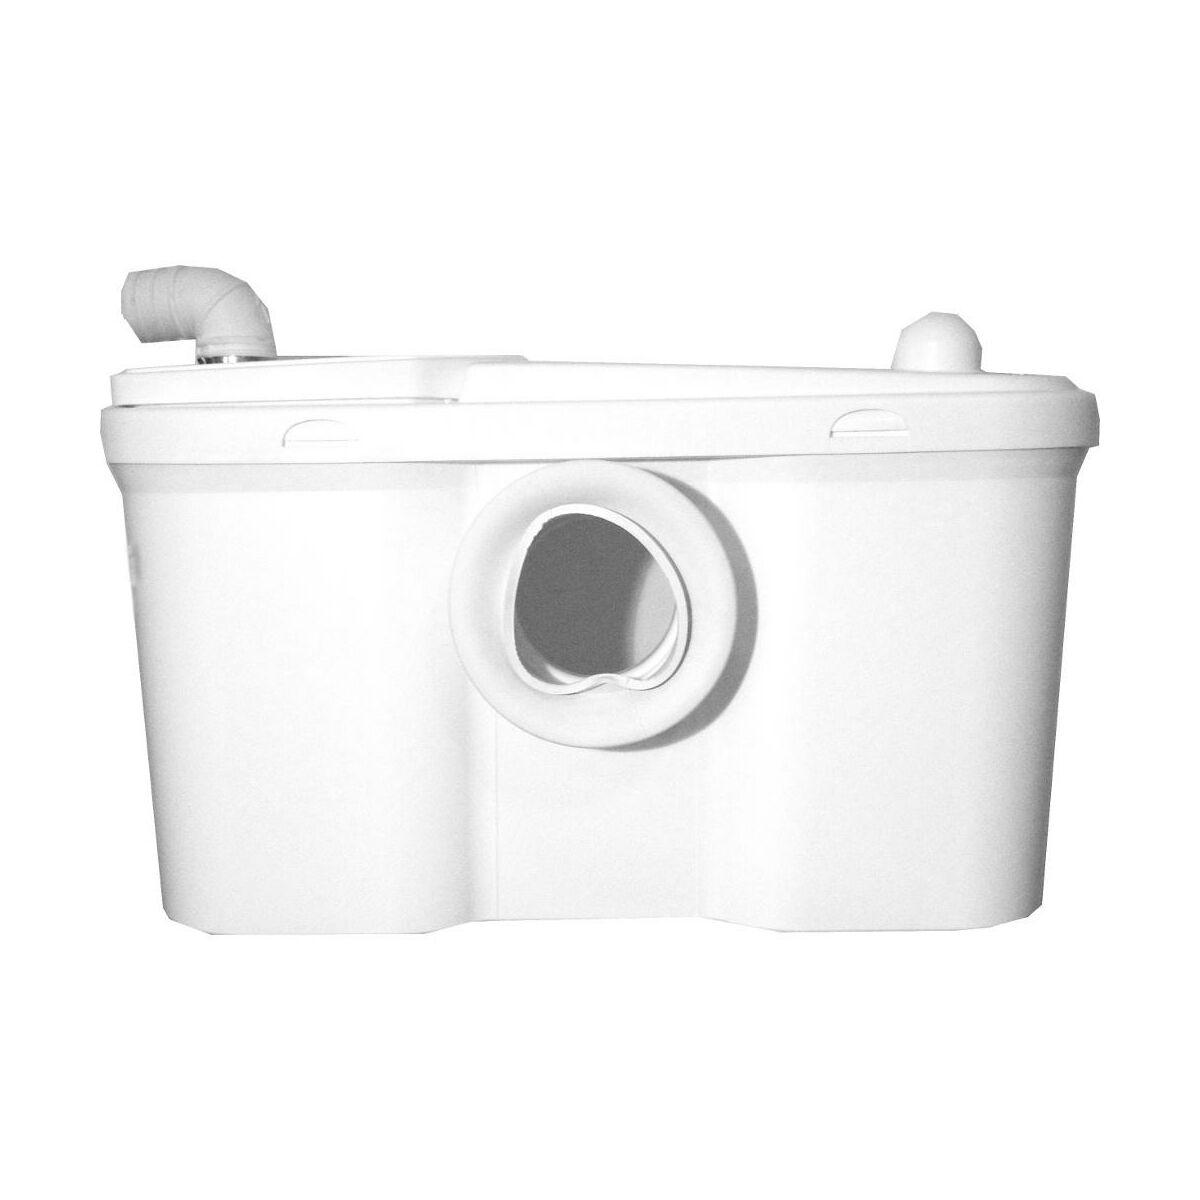 Pompo Rozdrabniacz Watereasy 1 500 W Setma